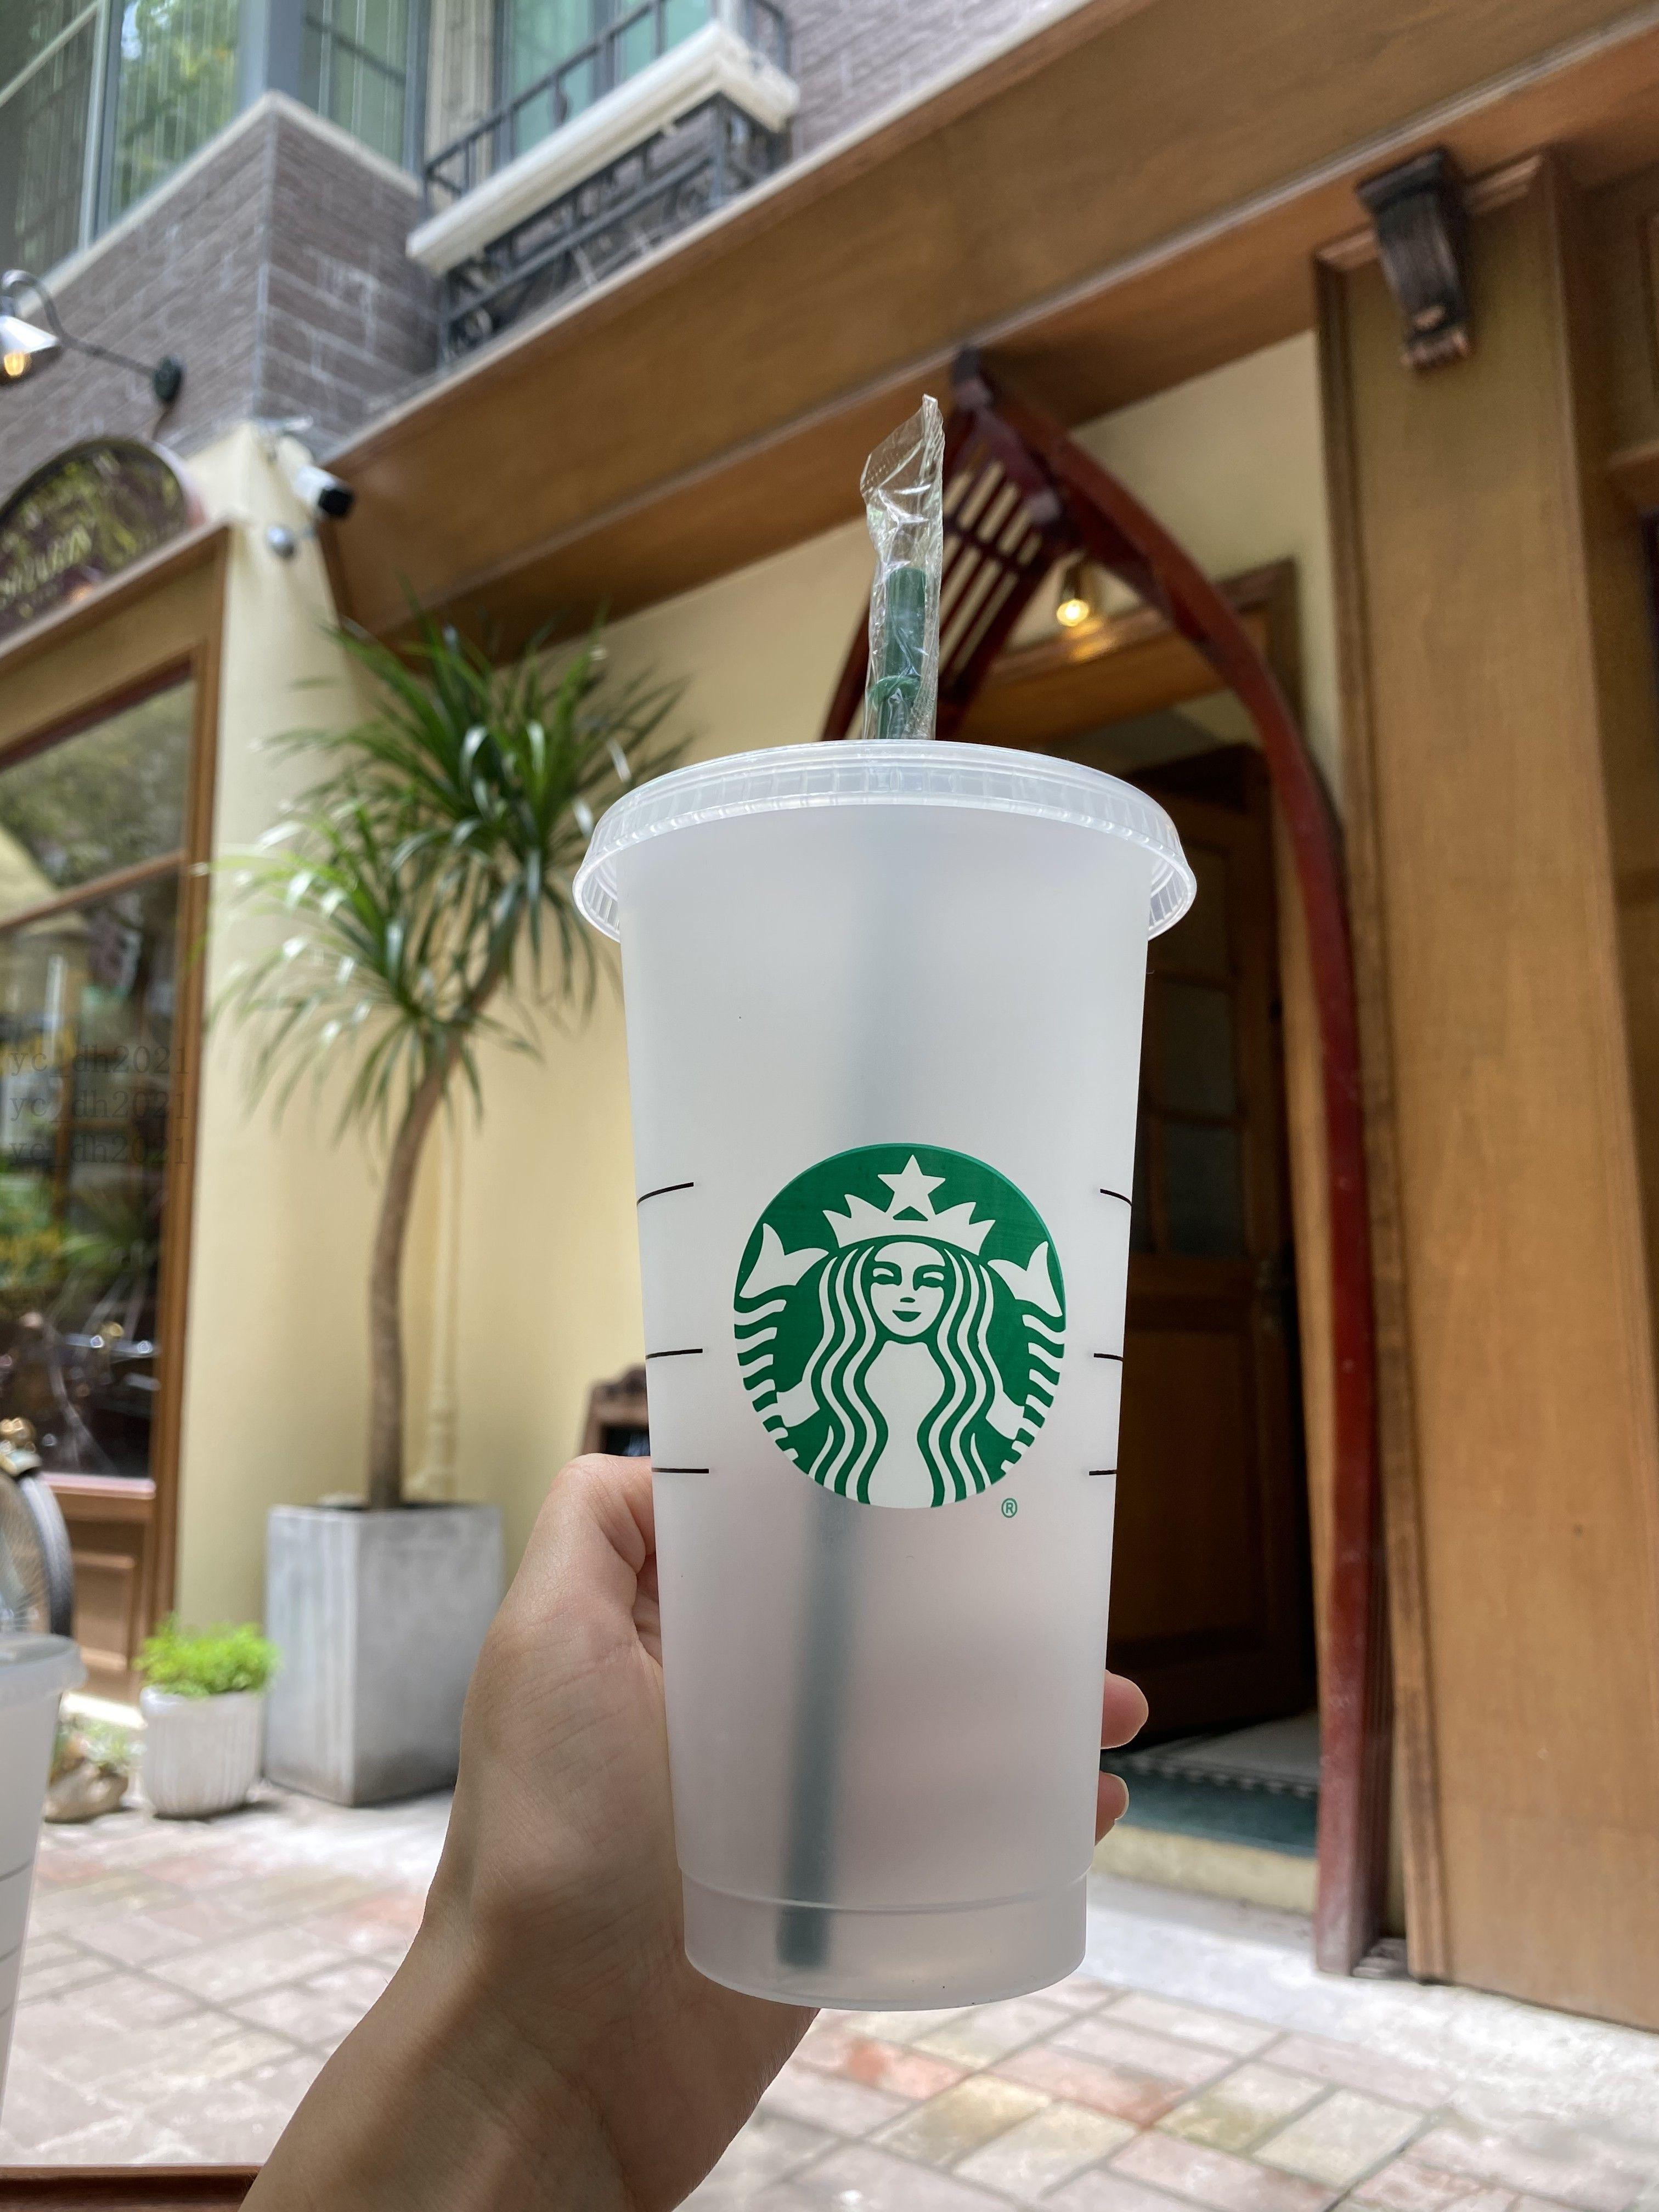 Starbucks 24oz / 710ML أكواب بلاستيكية قابلة لإعادة الاستخدام شفافة عمود مسطح مغطاة كوب سيبي خدمة التوصيل المجاني بواسطة dhl